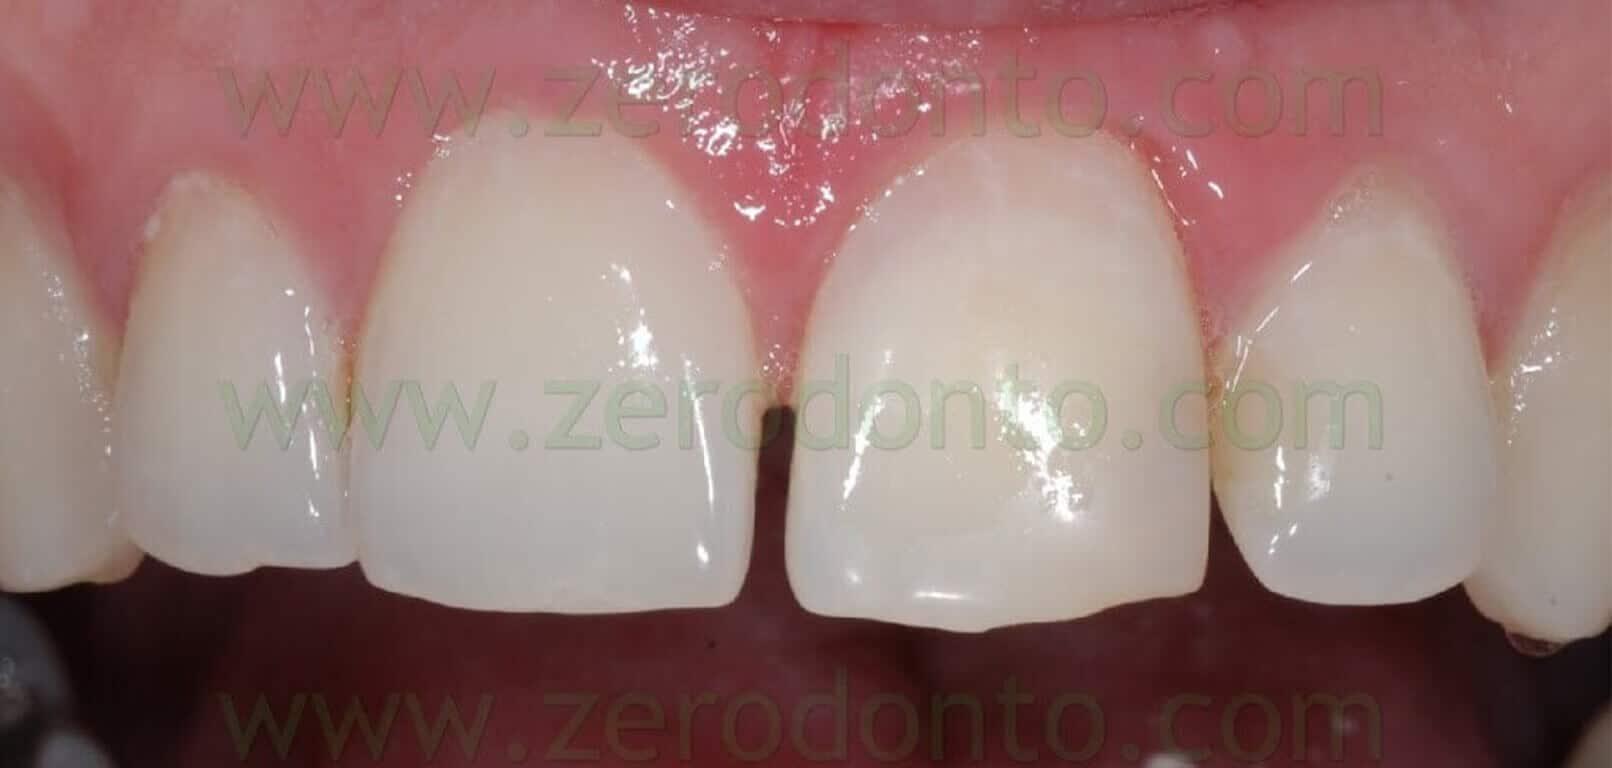 Sbiancamento Dente Non Vitale Dopo